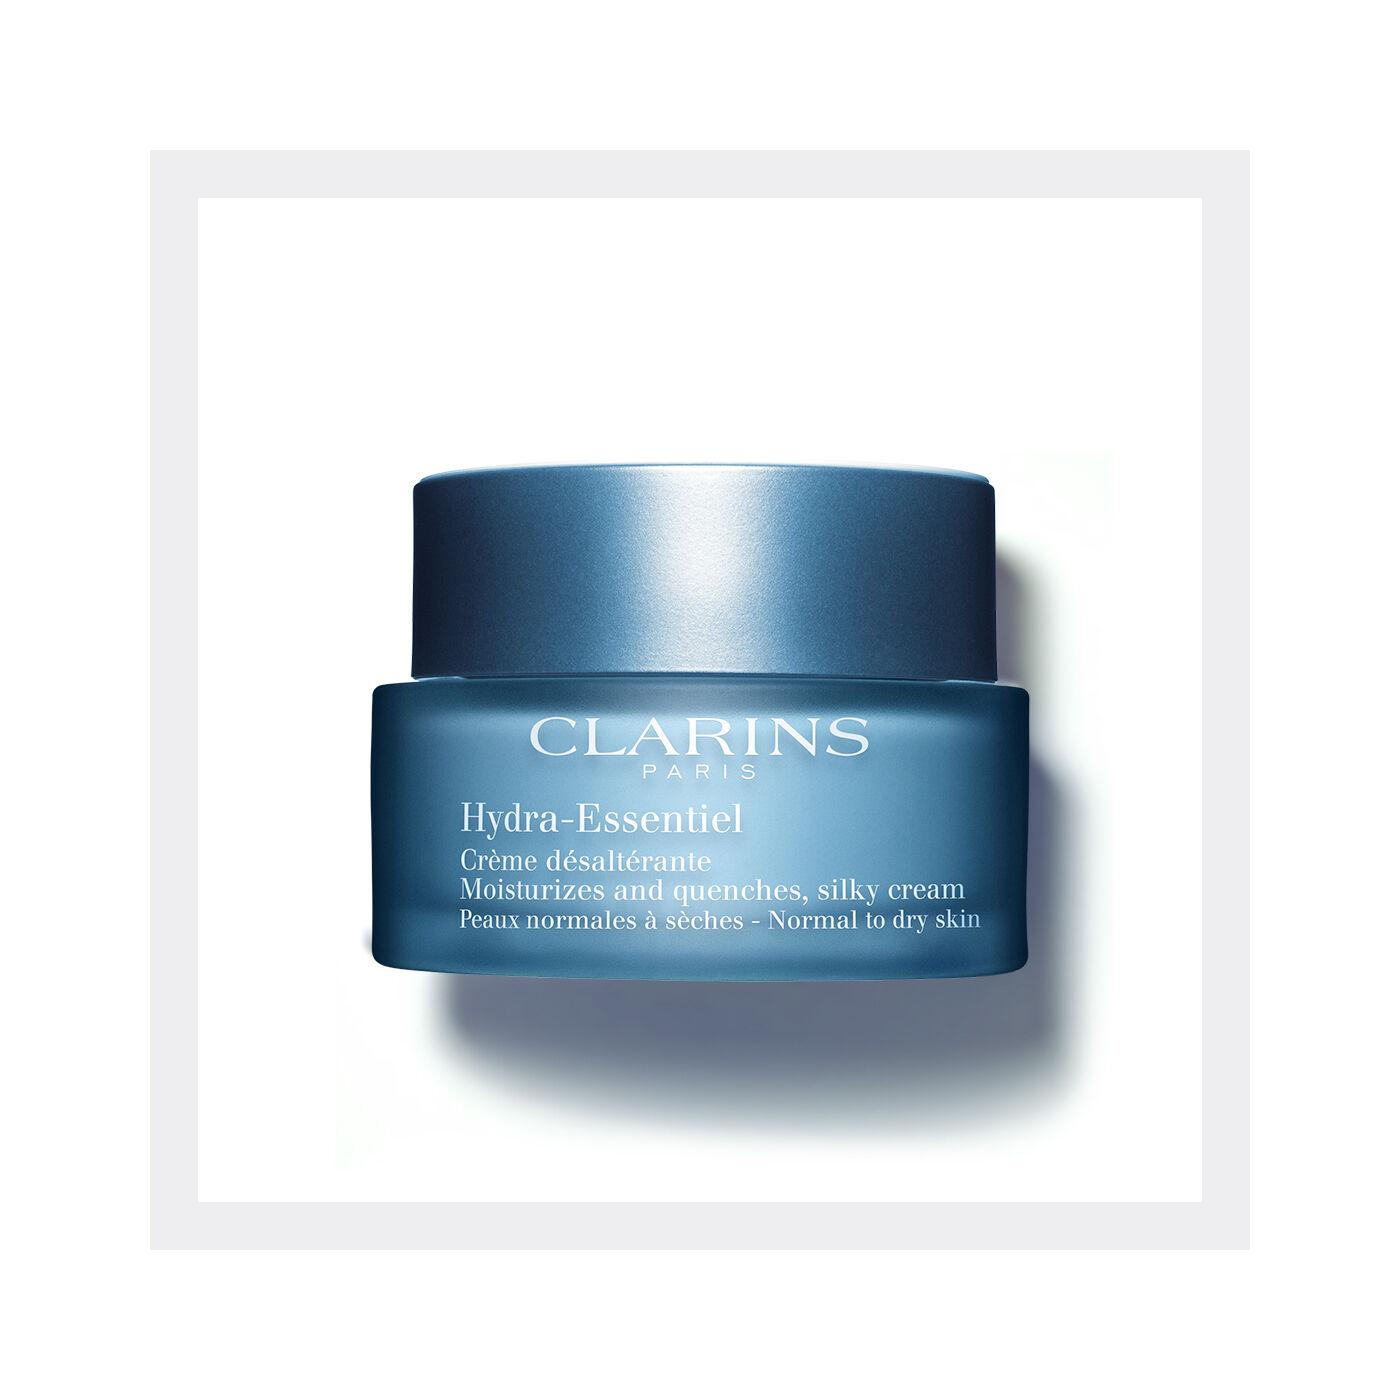 Hydra-Essentiel Feuchtigkeitscreme Crème désaltérante - Für normale bis trockene Haut